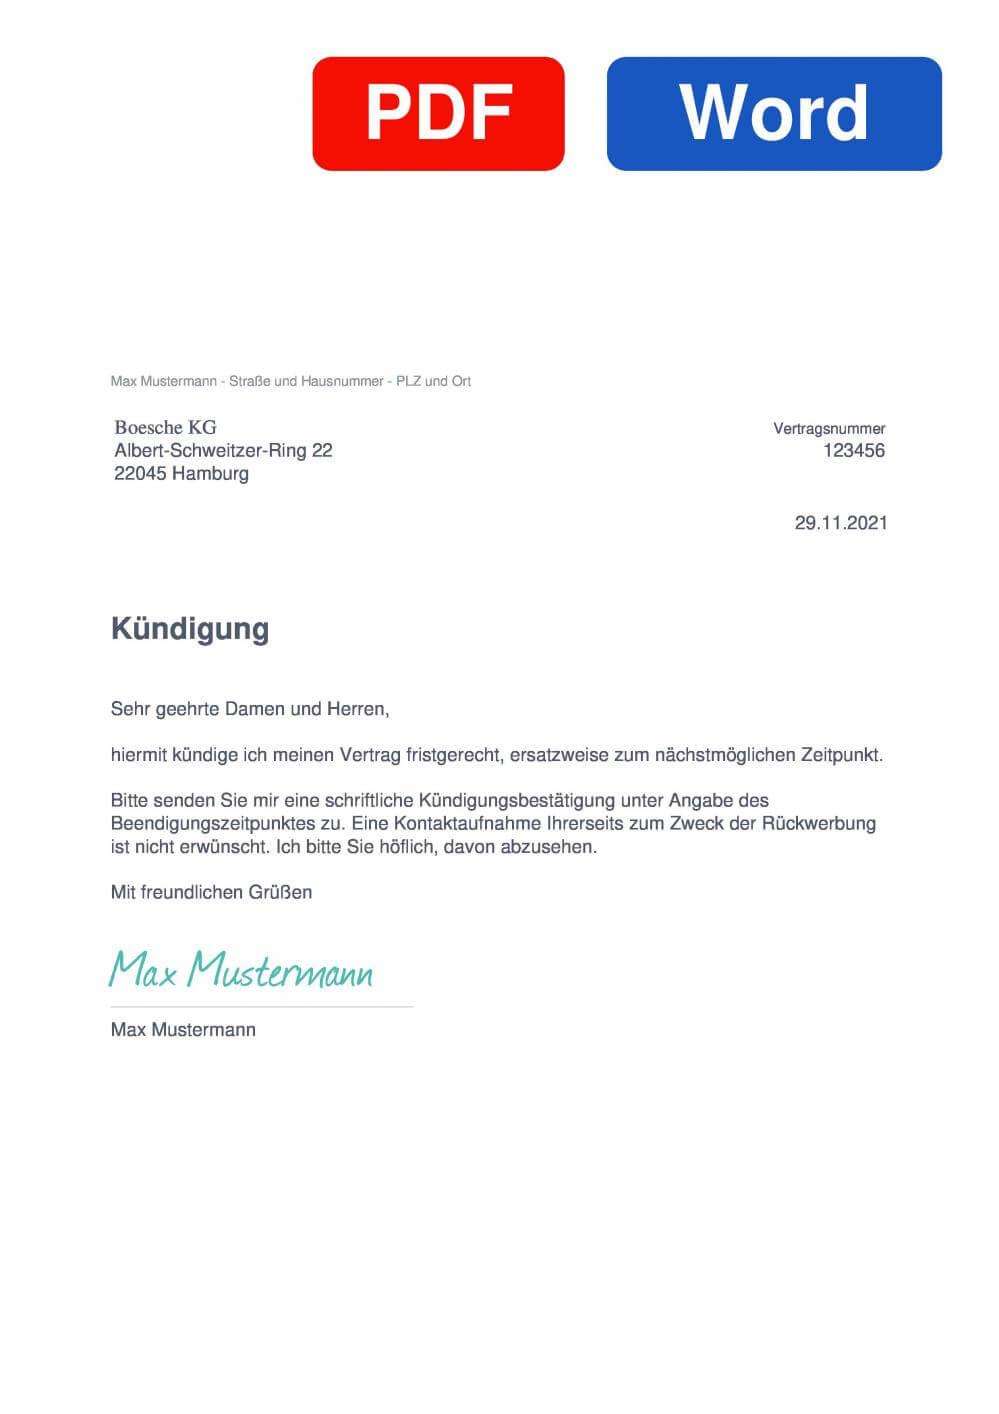 NKL Boesche Muster Vorlage für Kündigungsschreiben